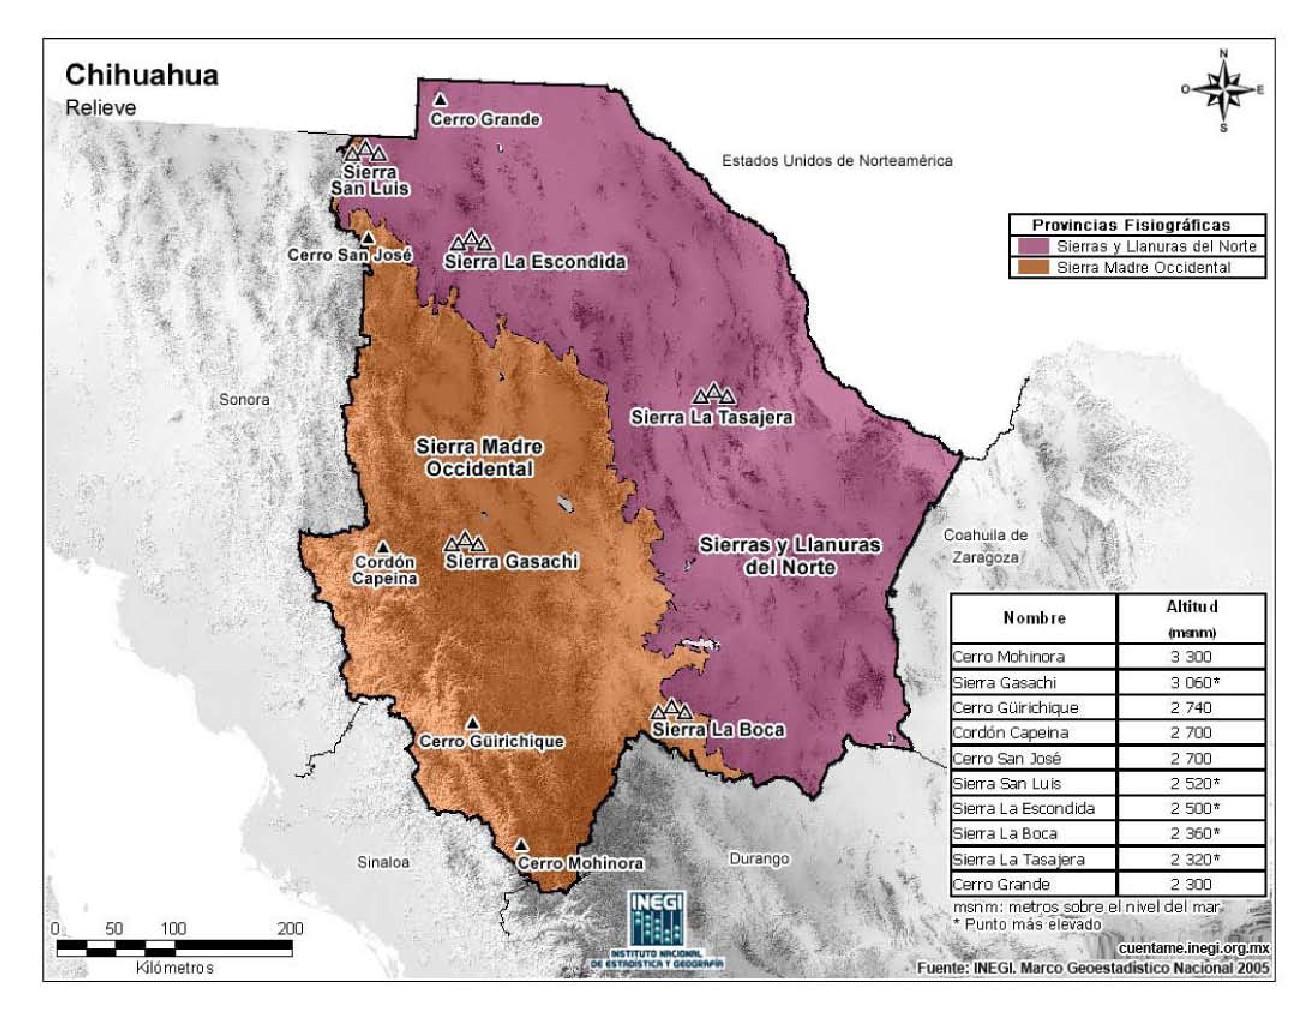 Mapa de Chihuahua - Mapa Físico, Geográfico, Político, turístico y ...